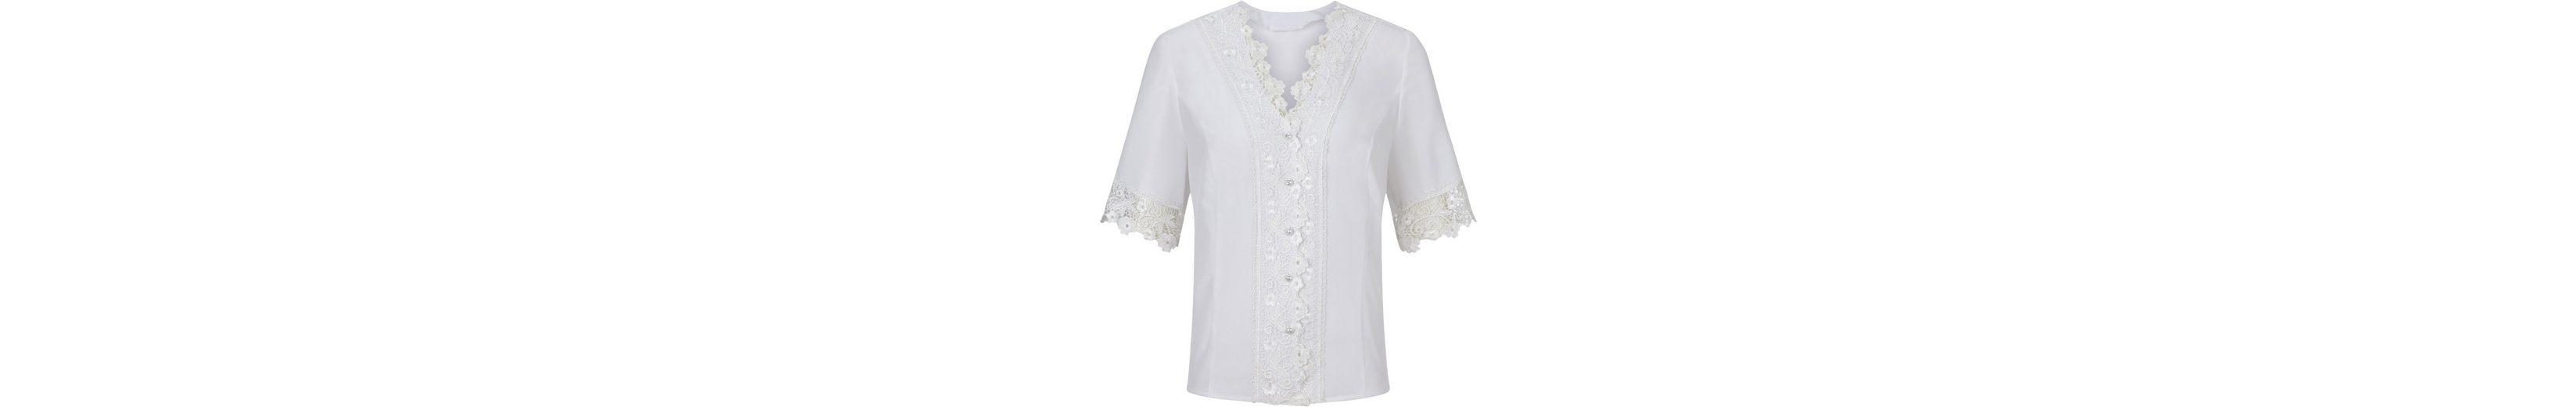 Spielraum Finish Lady Bluse mit breiter Bordüre aus filigraner Blütenspitze Billig Offiziellen Beliebt Günstiger Preis Iq2DxZcBp